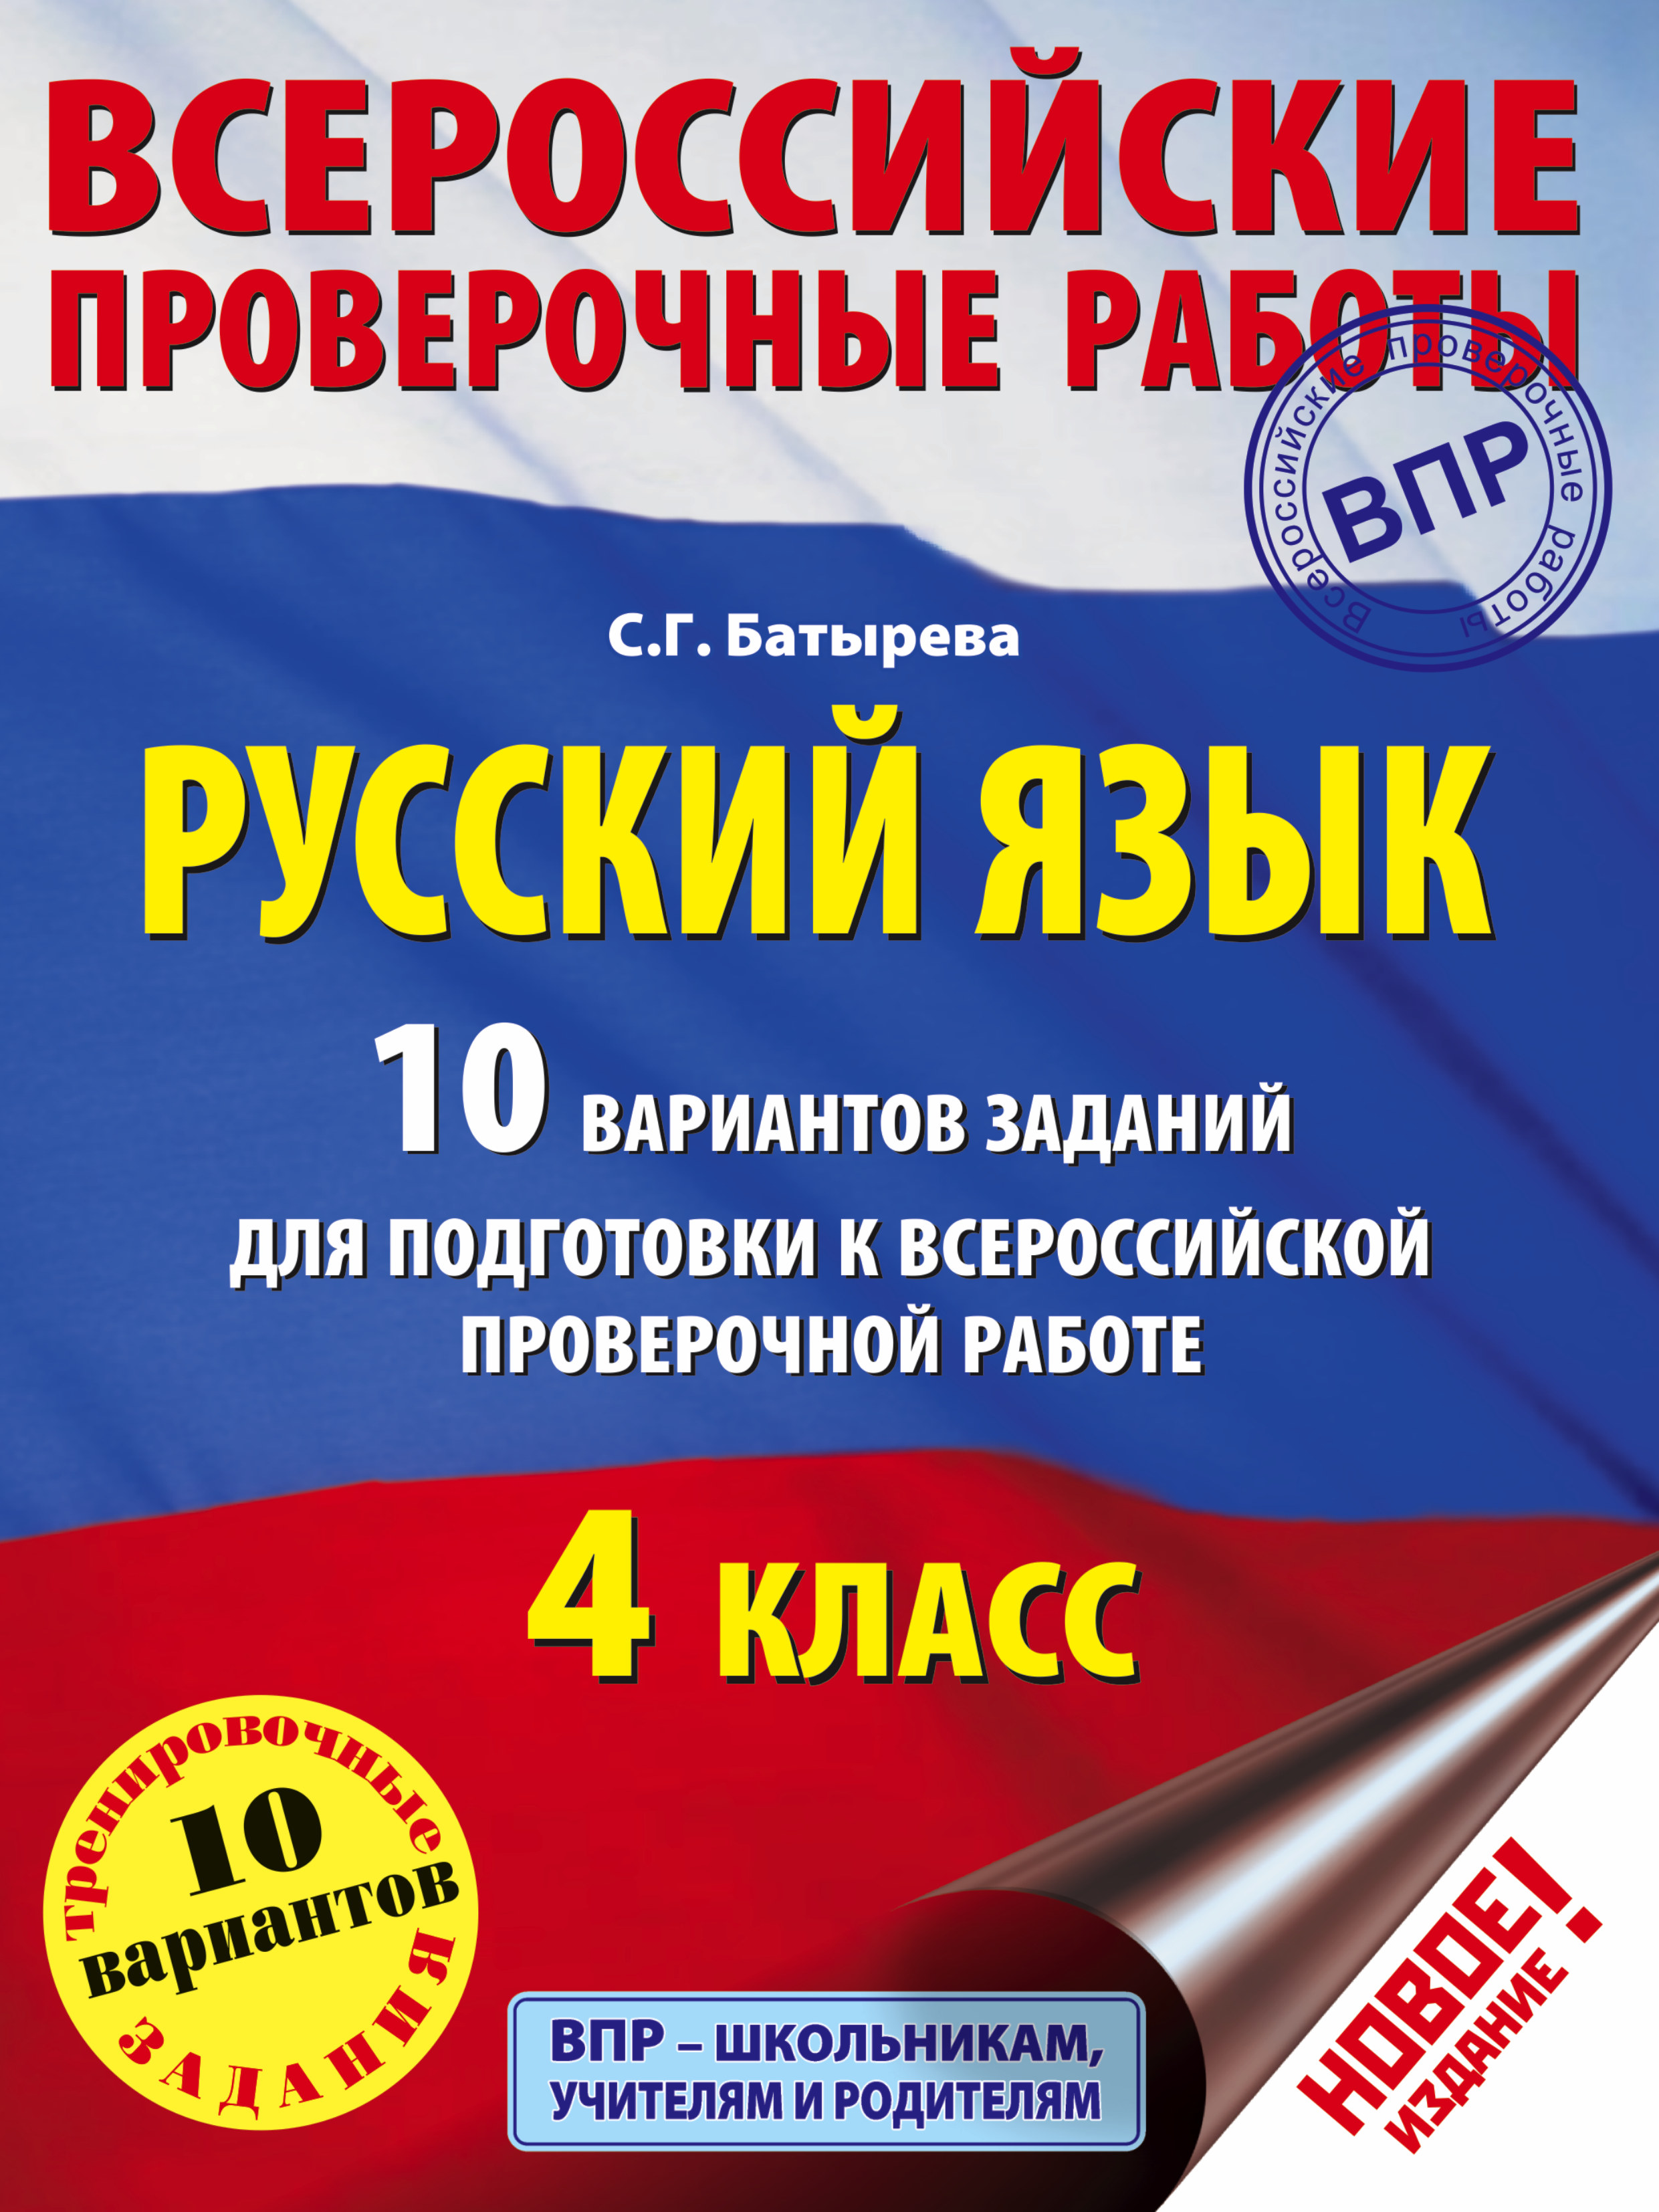 Батырева С.Г. Русский язык. 10 вариантов заданий для подготовки к всероссийской проверочной работе. 4 класс